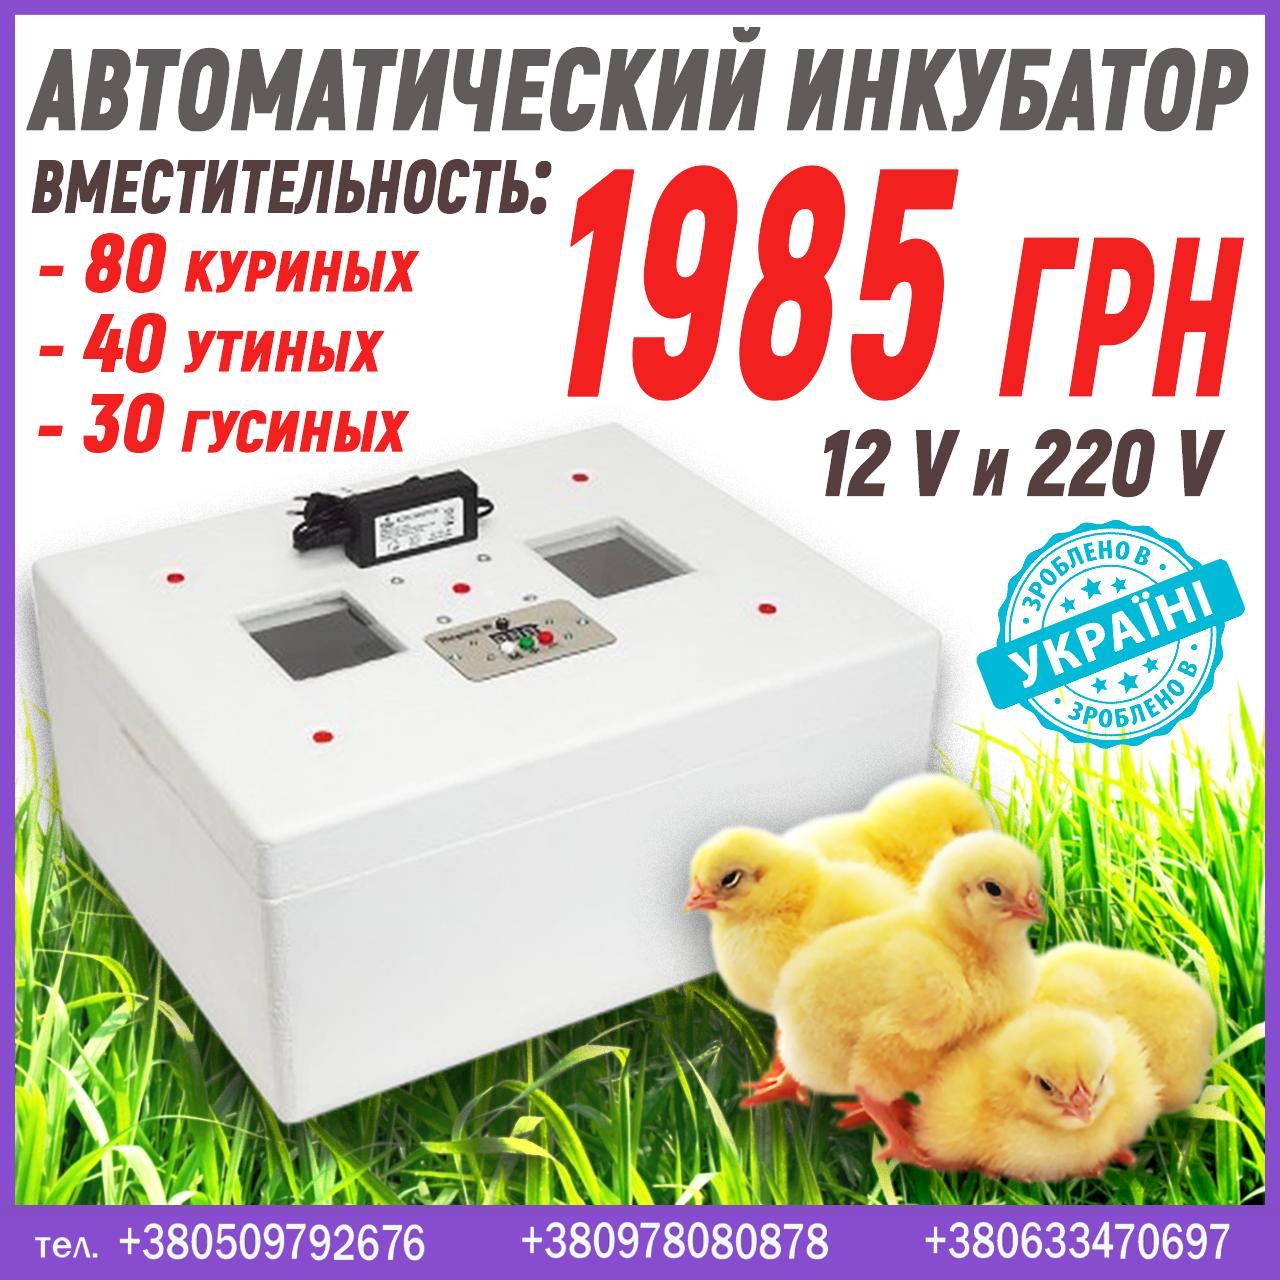 Инкубатор для дома на 12 В и 220 В